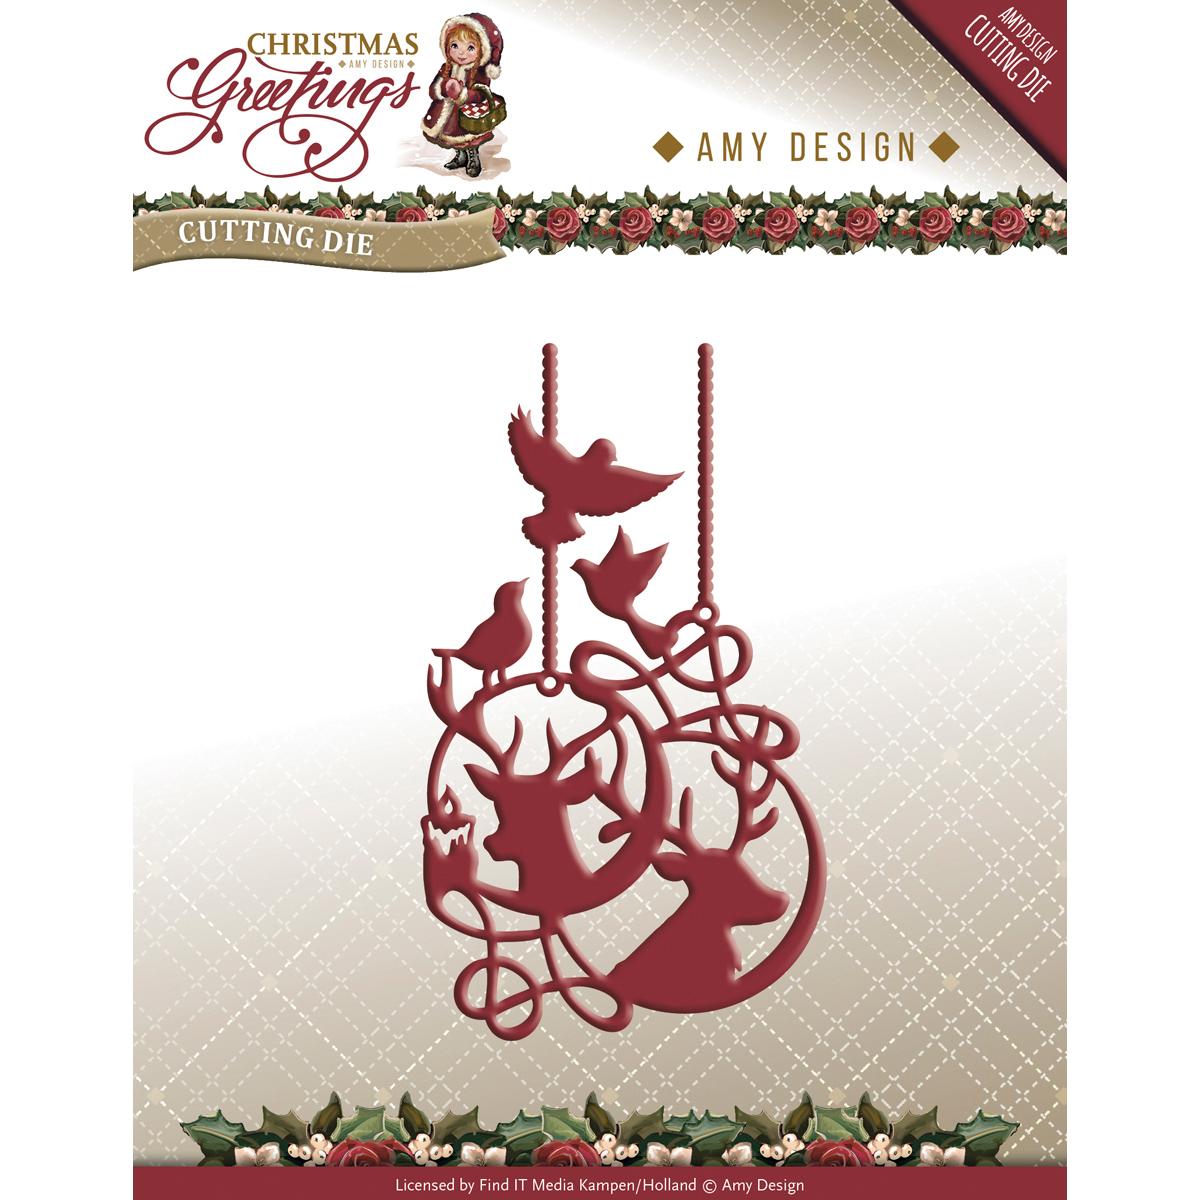 Reindeeer Ornament - Find It Trading Amy Design Christmas Greetings Die